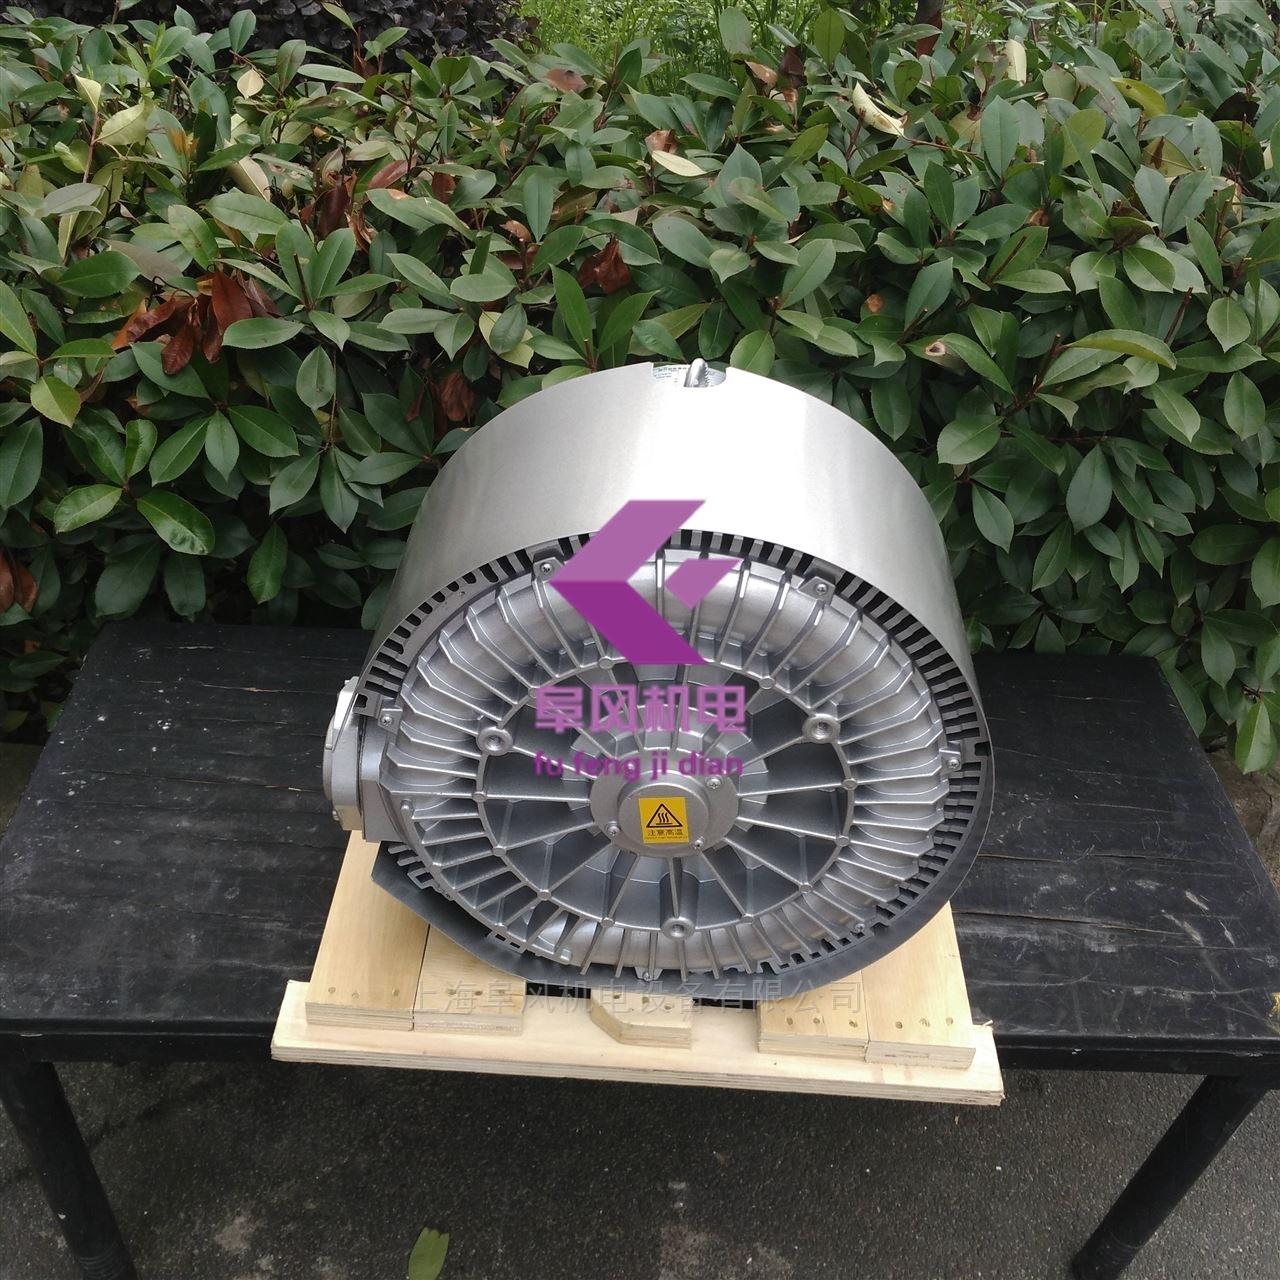 吸料双叶轮漩涡高压鼓风机